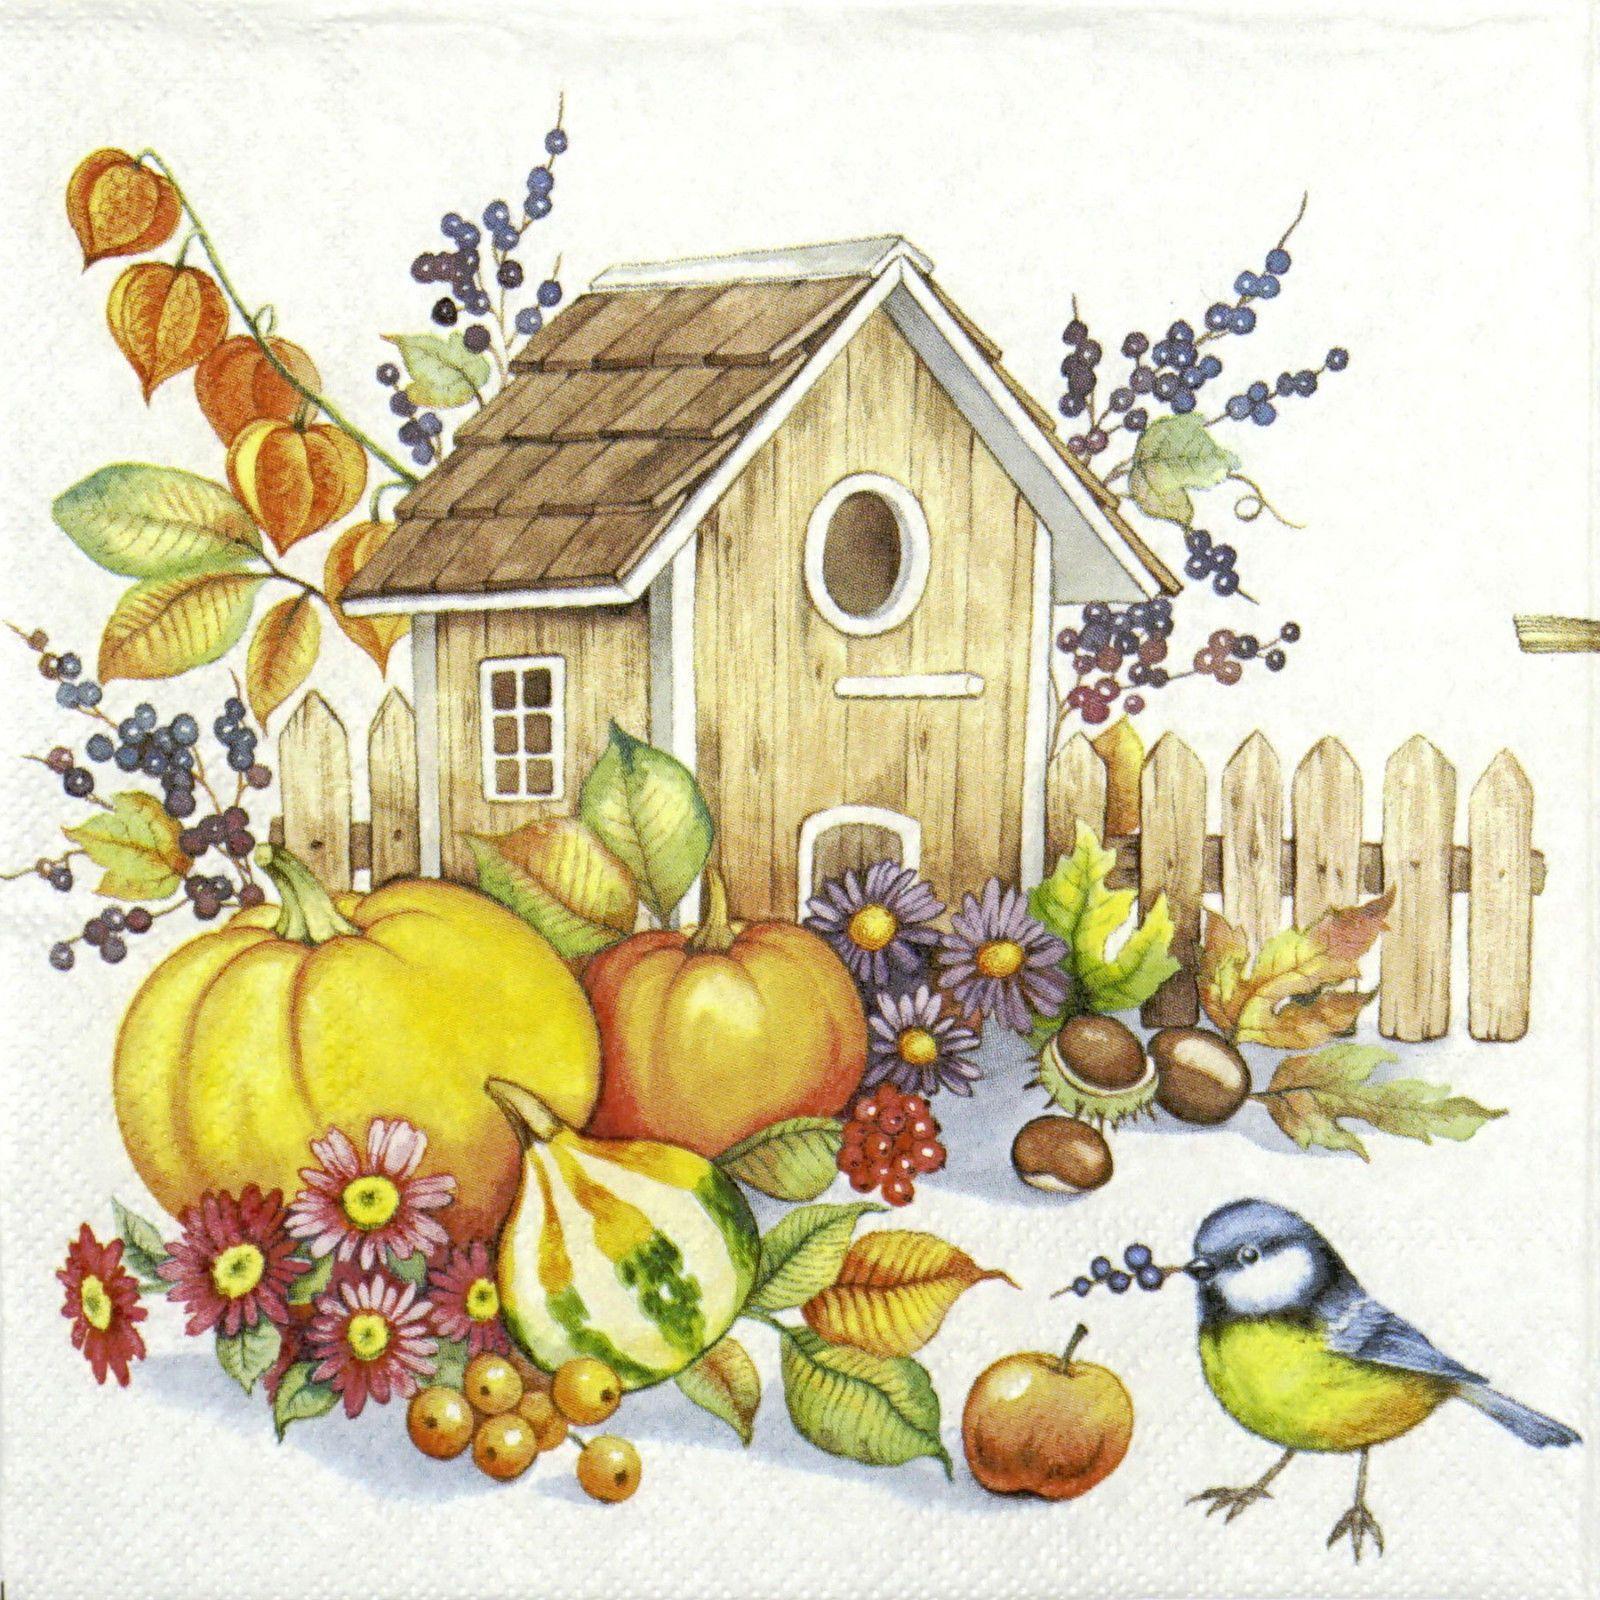 4x Paper Napkins for Decoupage Autumn Birdhouse